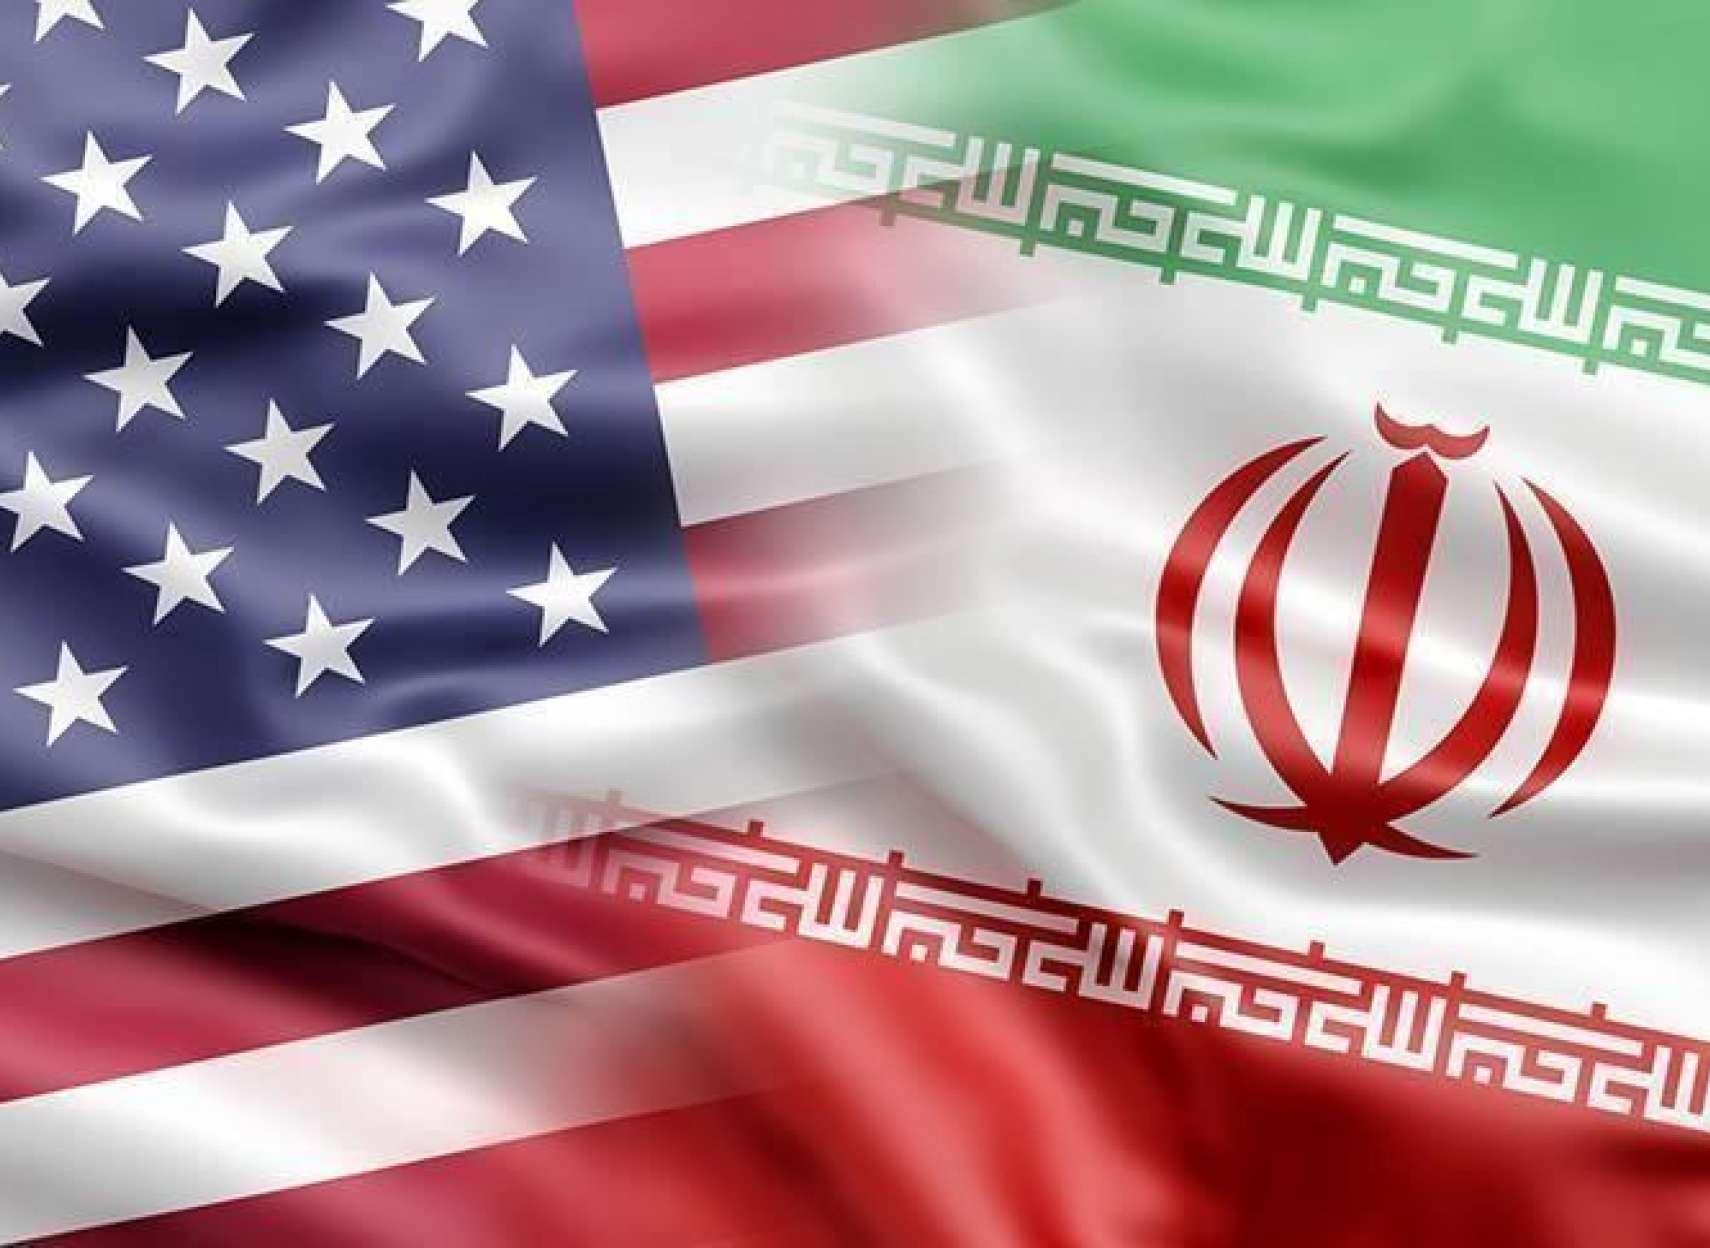 آمریکا-ماشه-برجام-را-چکاند-جمهوری-اسلامی-تیر-آمریکا-به-هدف-نمی-خورد